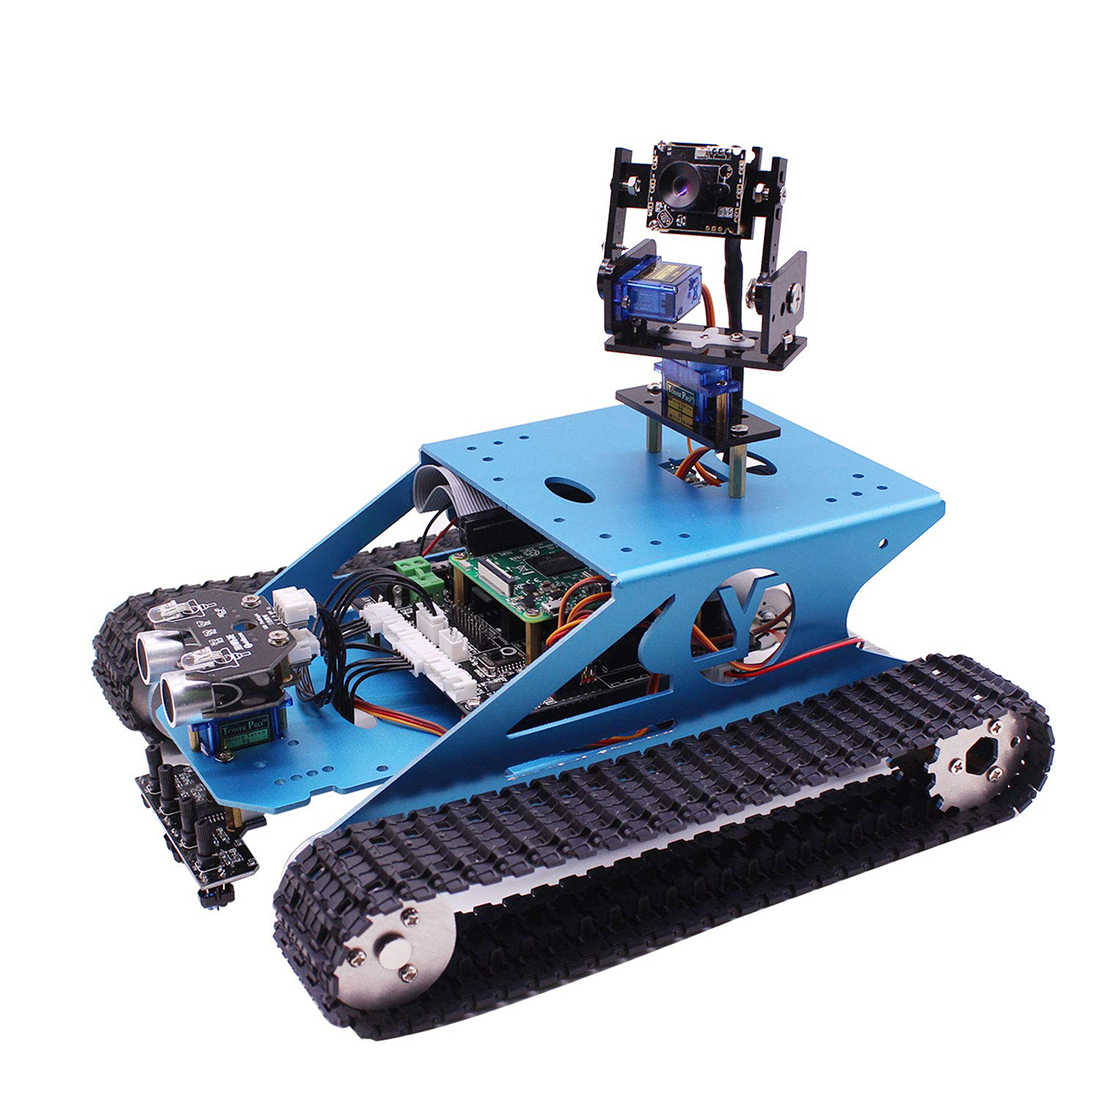 Raspberry Pi Танк умный робот комплект Wi-Fi беспроводной видео Программирование электронная игрушка DIY робот комплект для детей взрослых